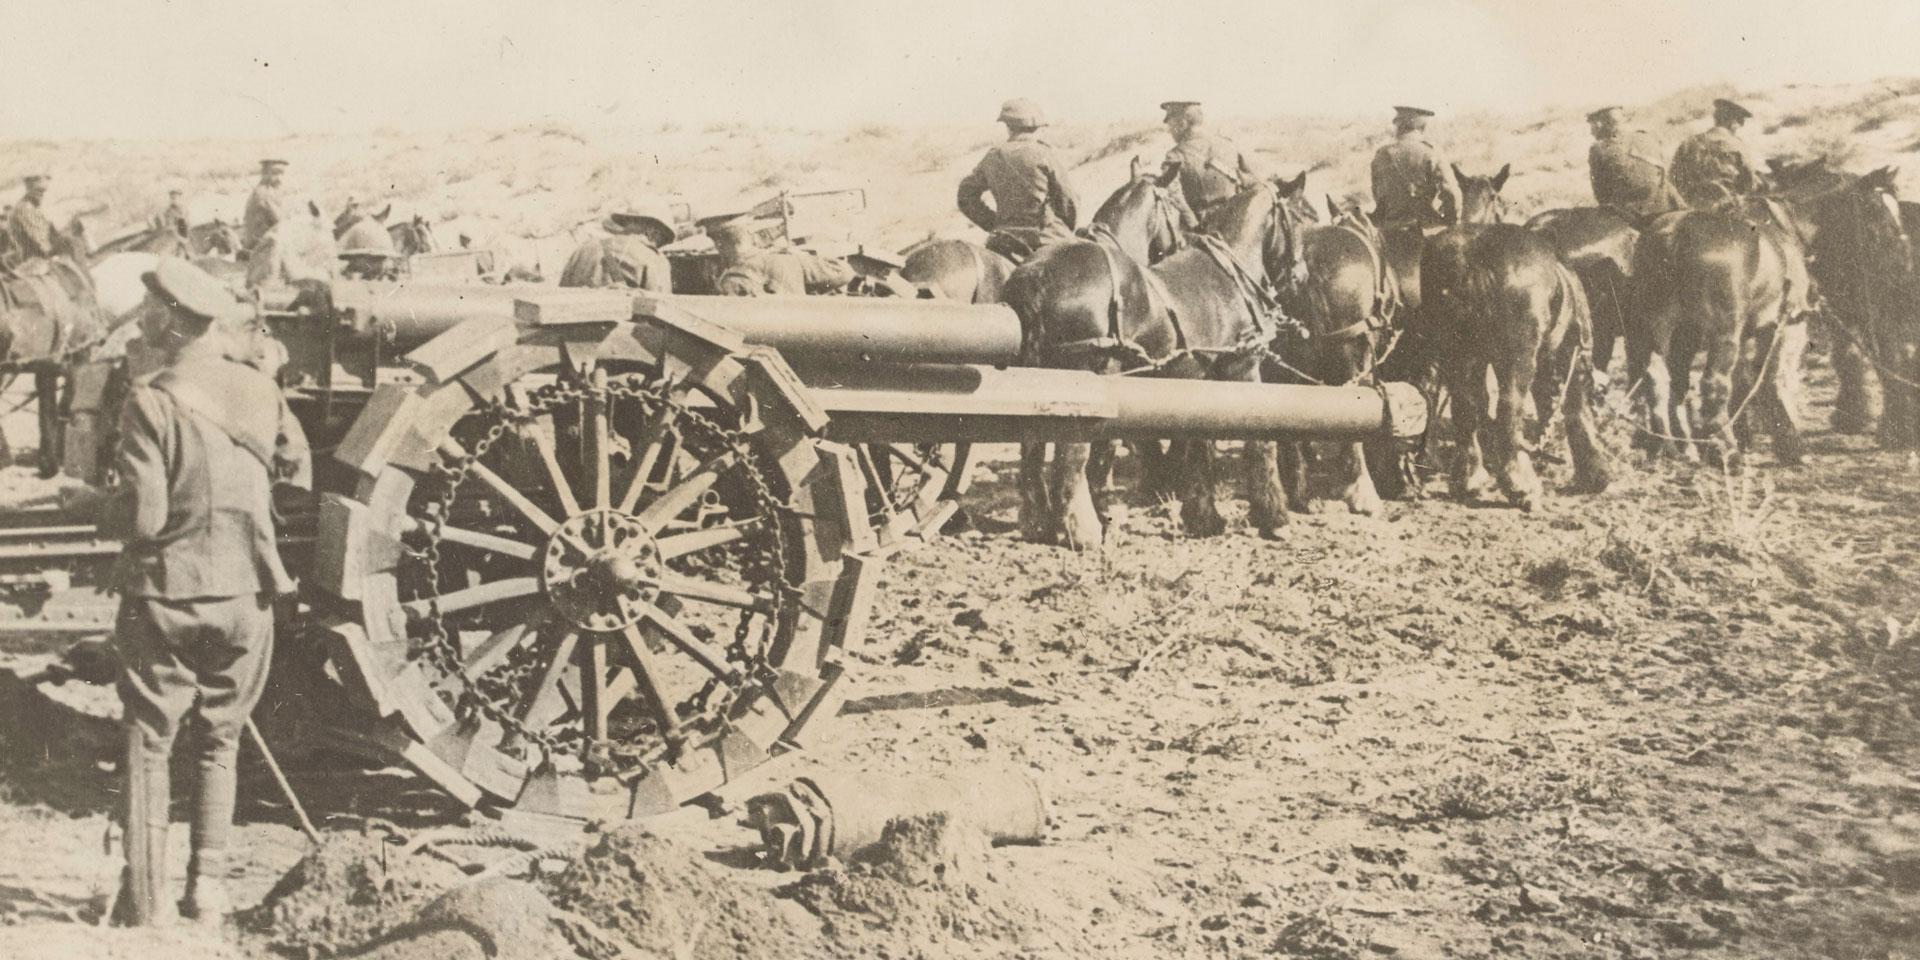 Horses pulling heavy howitzers, c1916